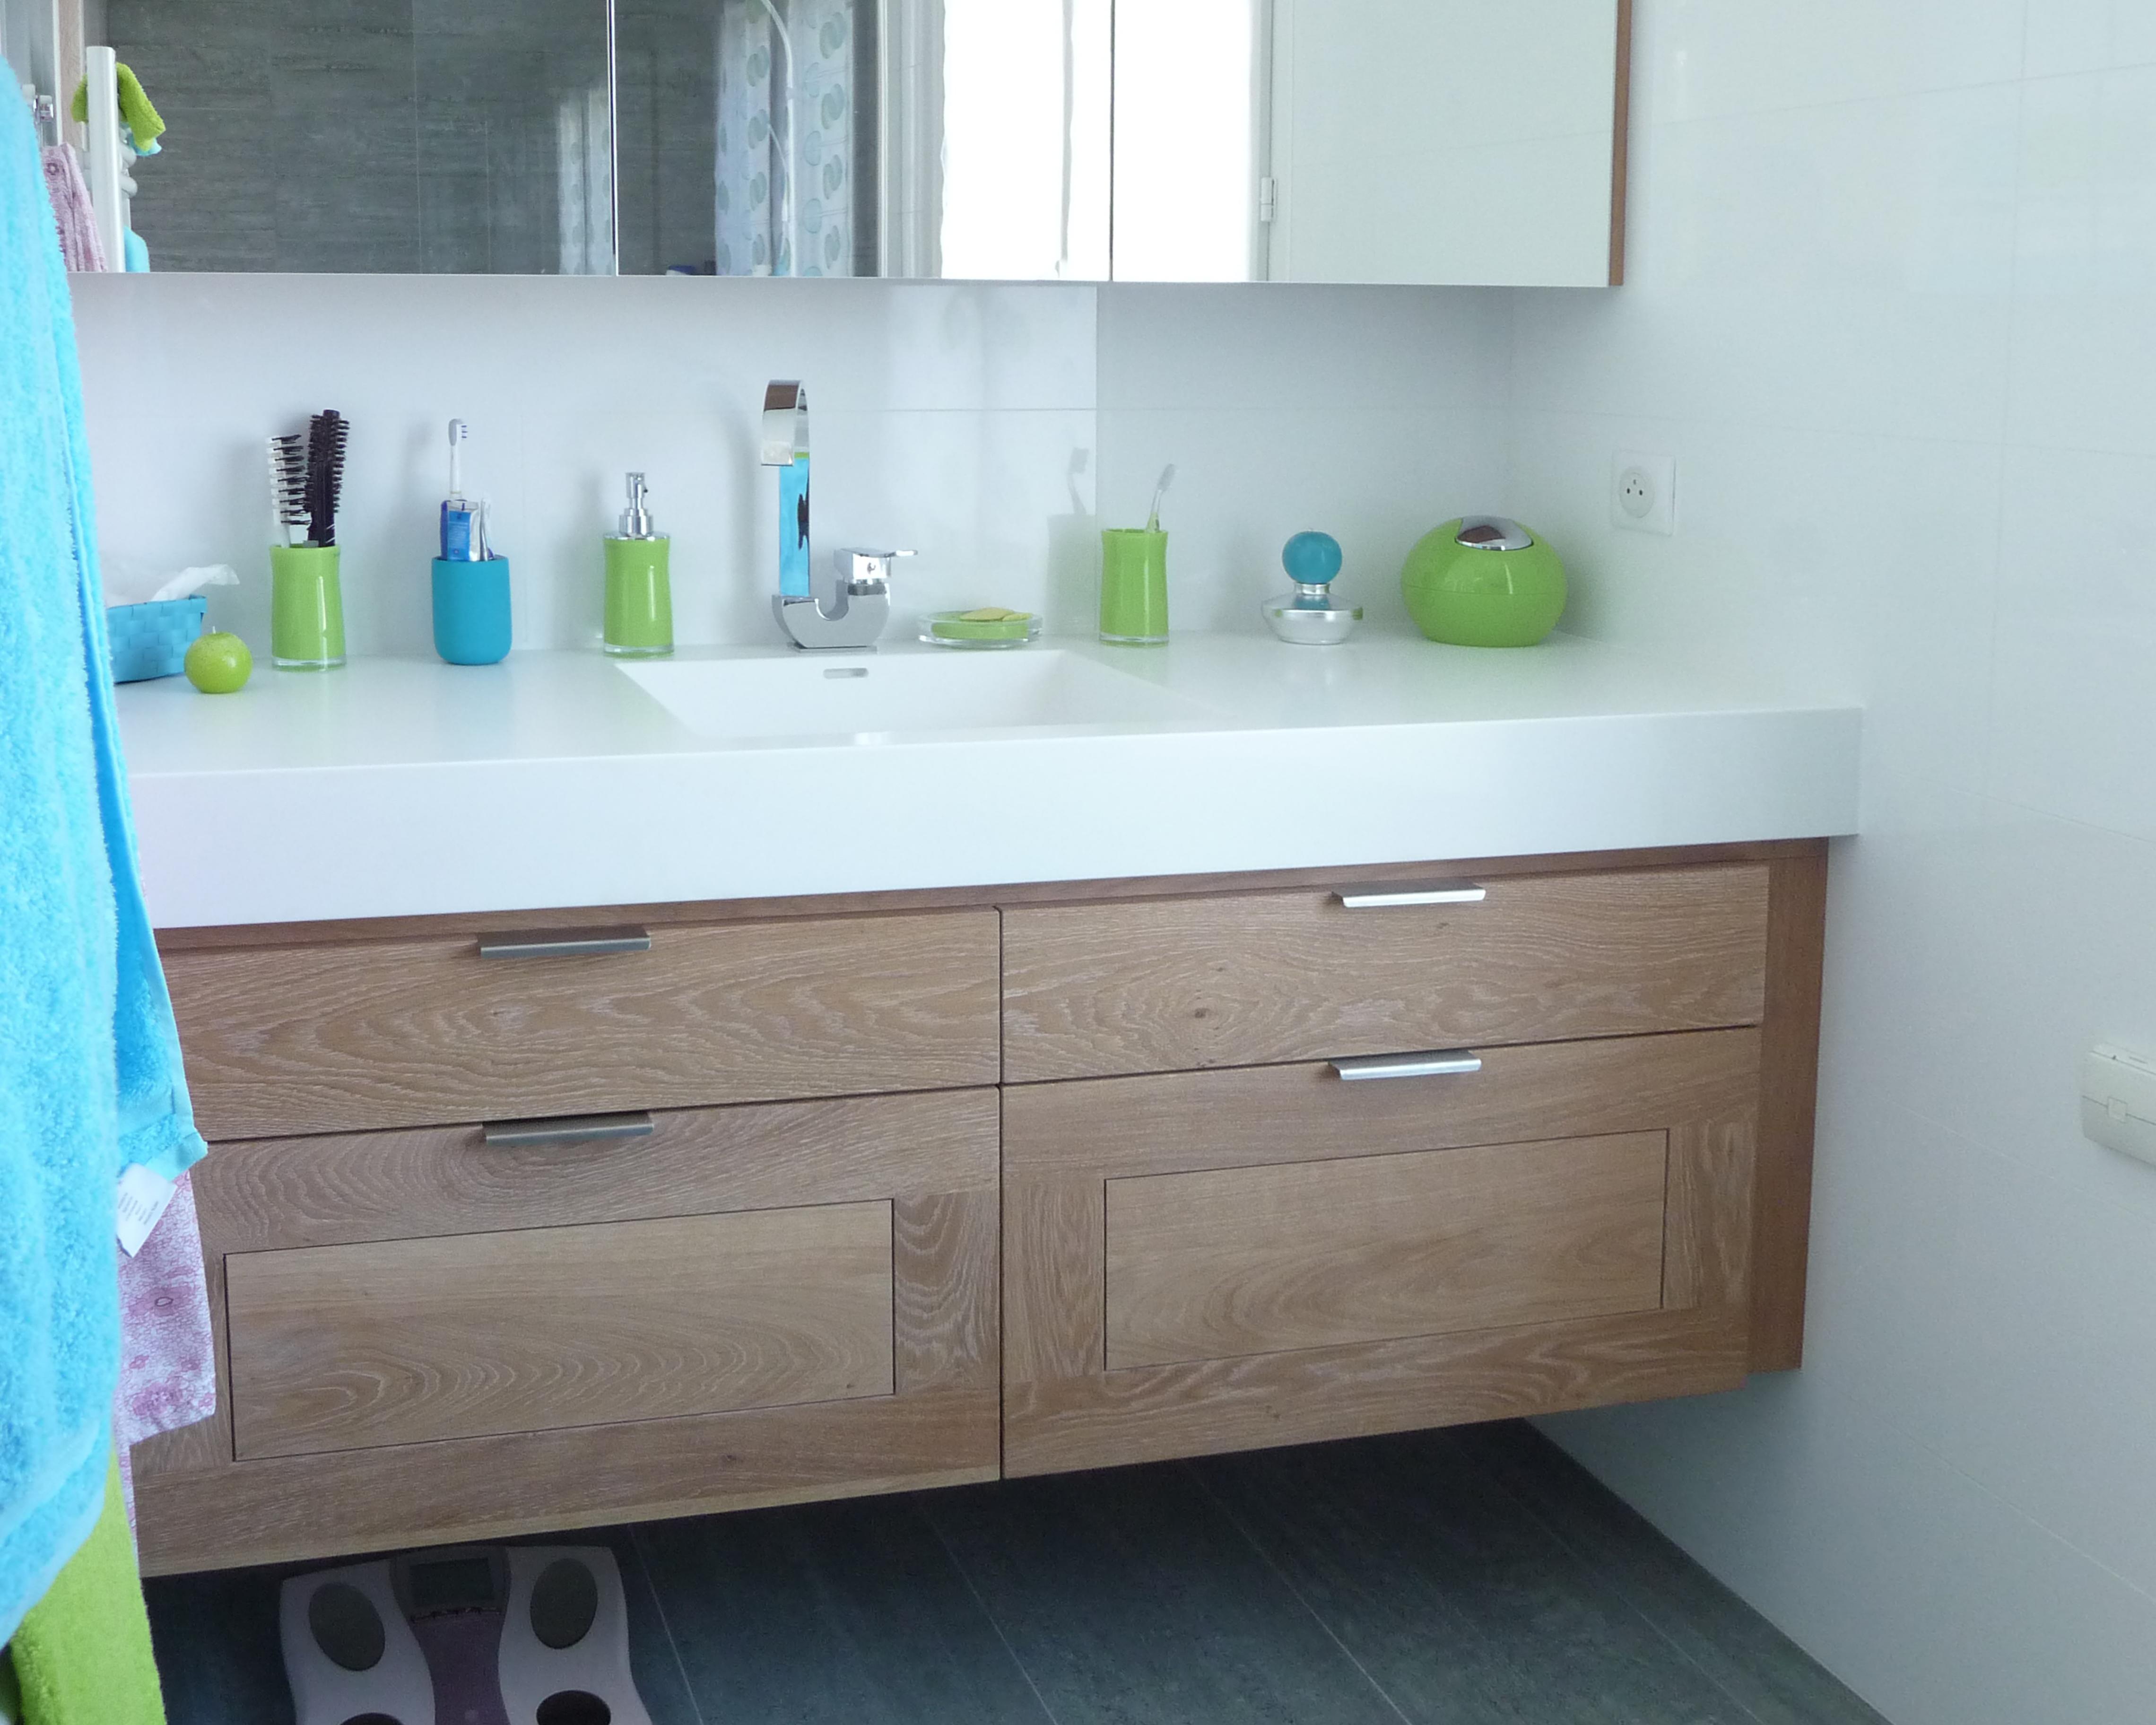 meuble de salle de bain sur mesure delorme meubles. Black Bedroom Furniture Sets. Home Design Ideas